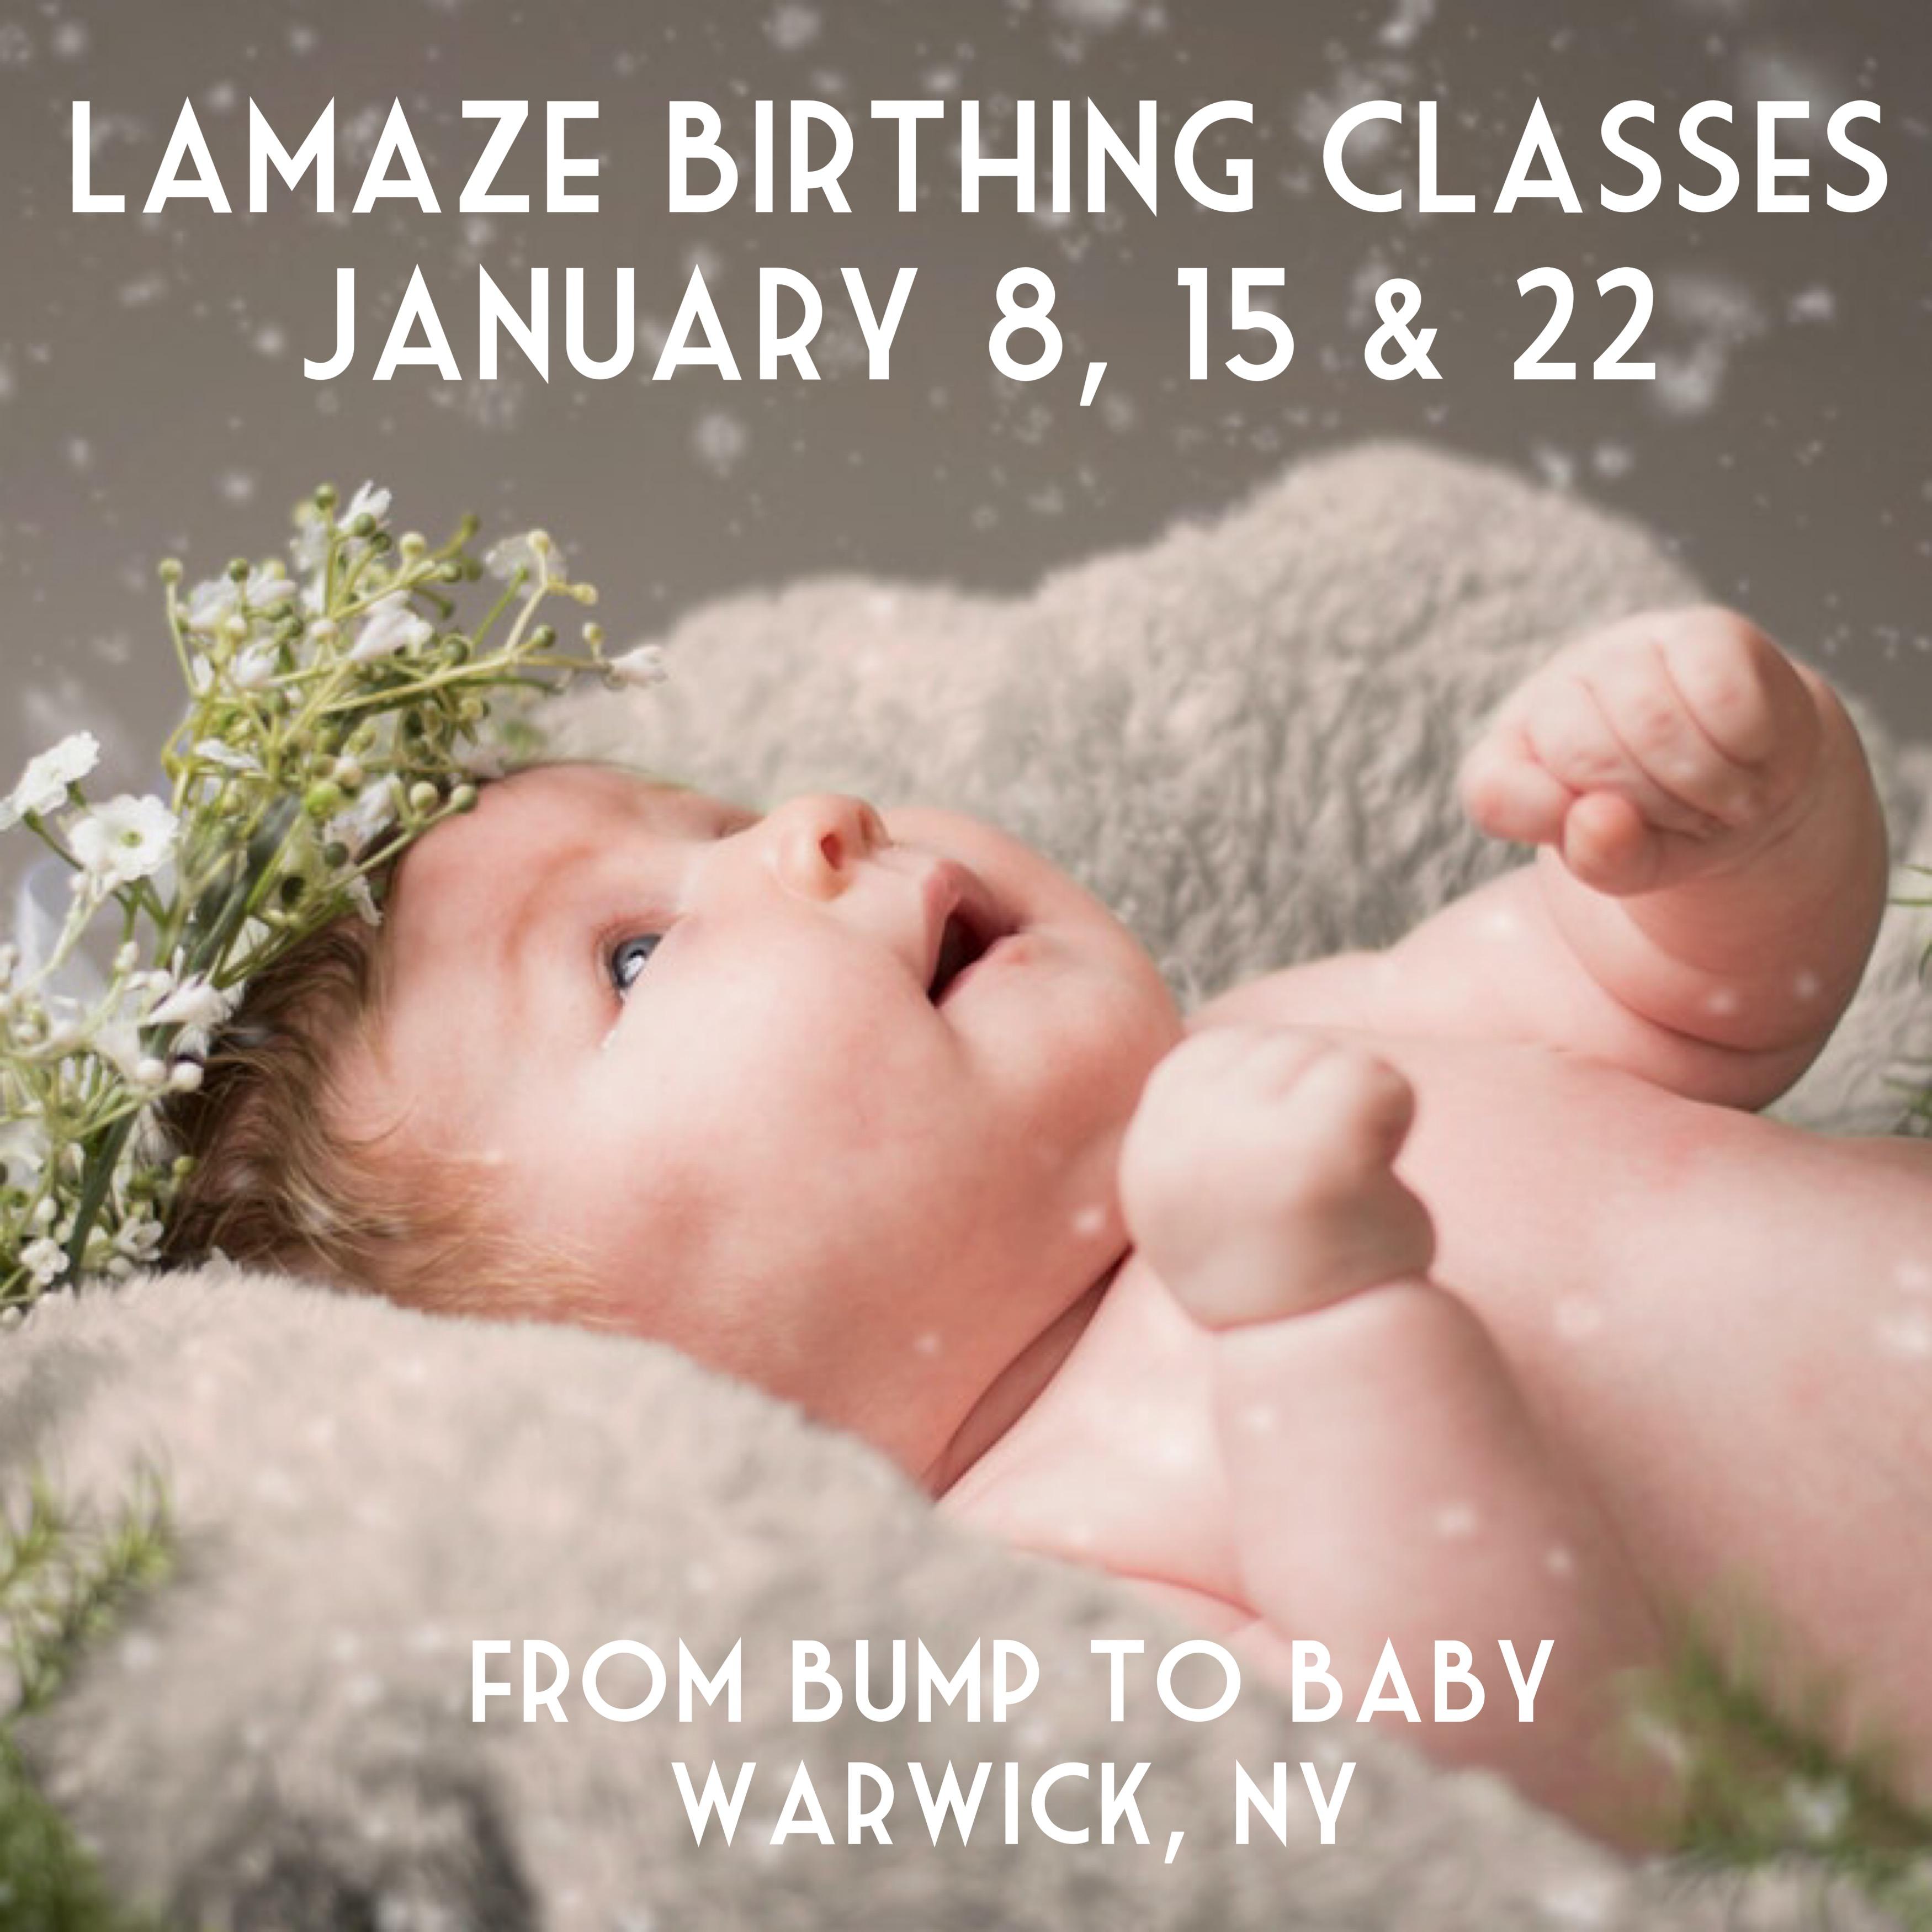 january 2019 childbirth class lamaze